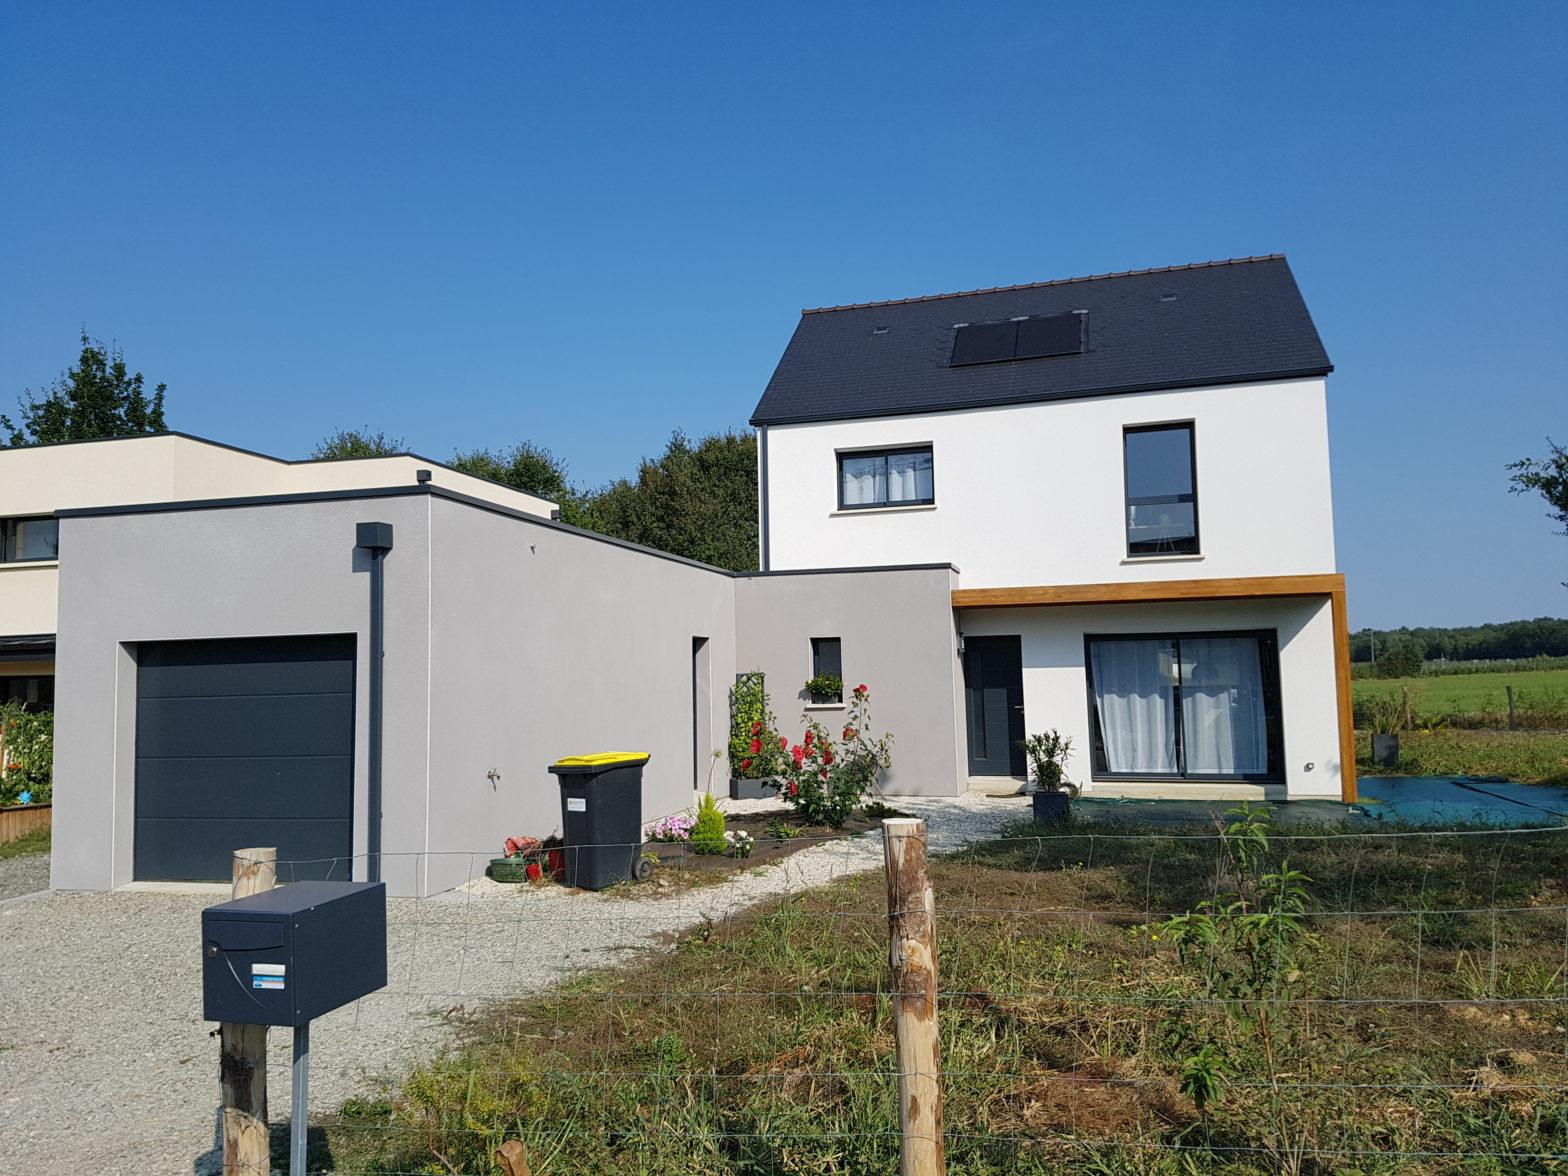 maison etage r+1 toit monopente le plessis grammoire 49124